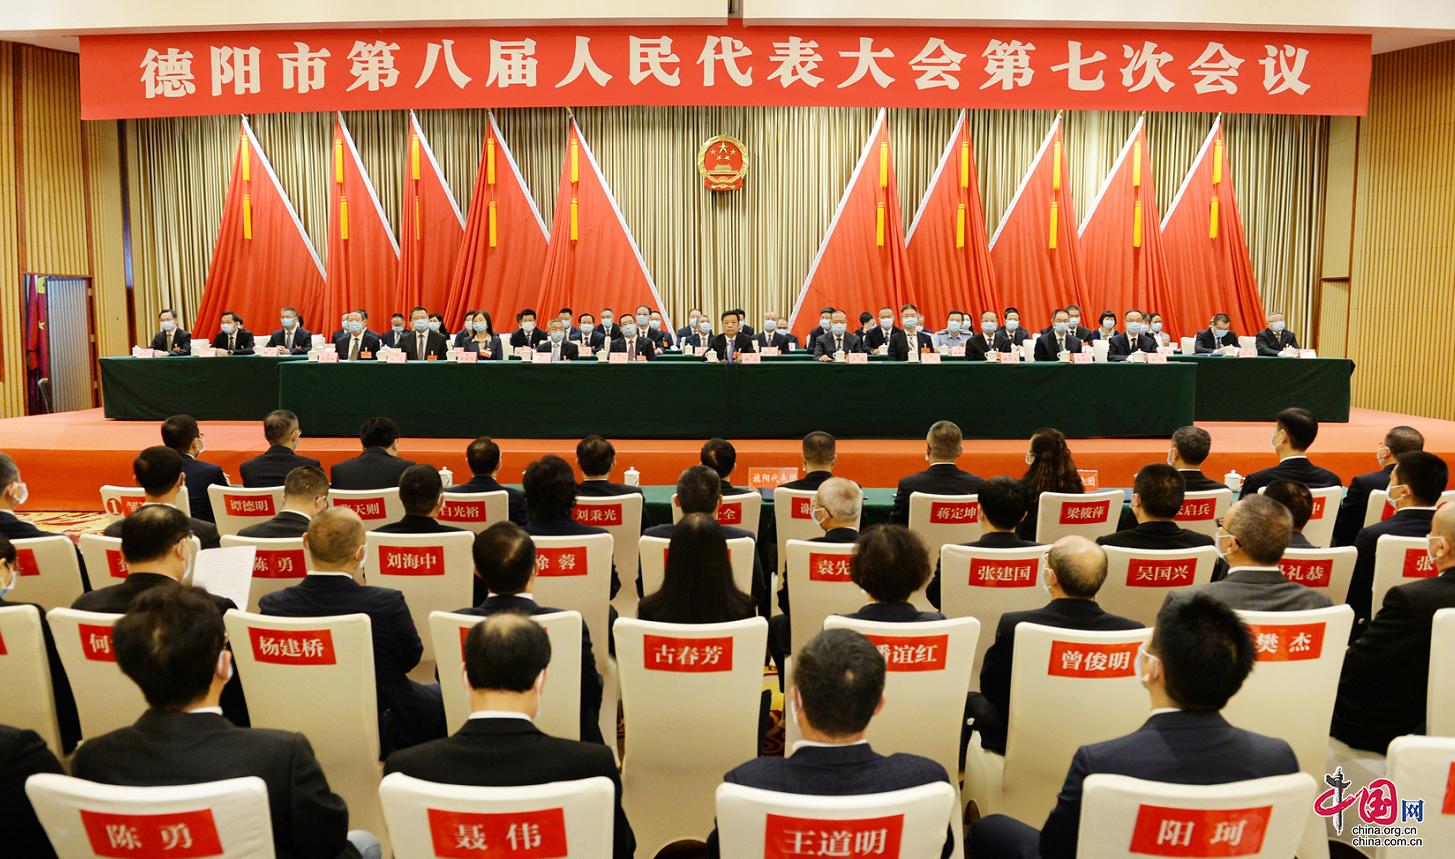 德阳市第八届人民代表大会第七次会议闭幕